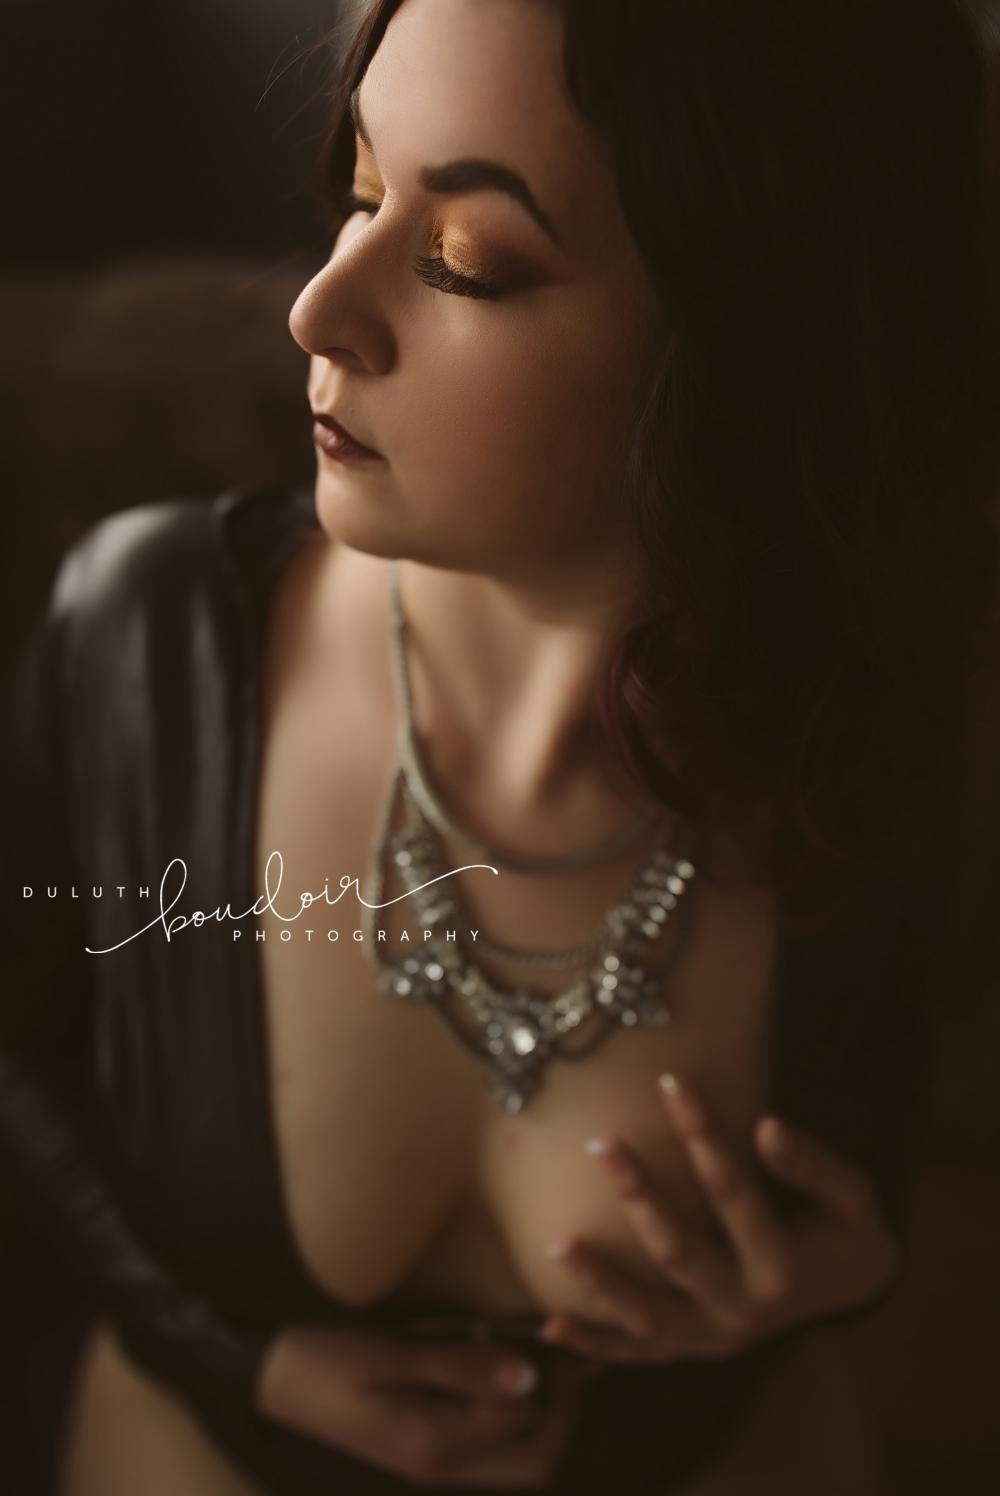 duluth_boudoir_photography_amanda_10.jpg